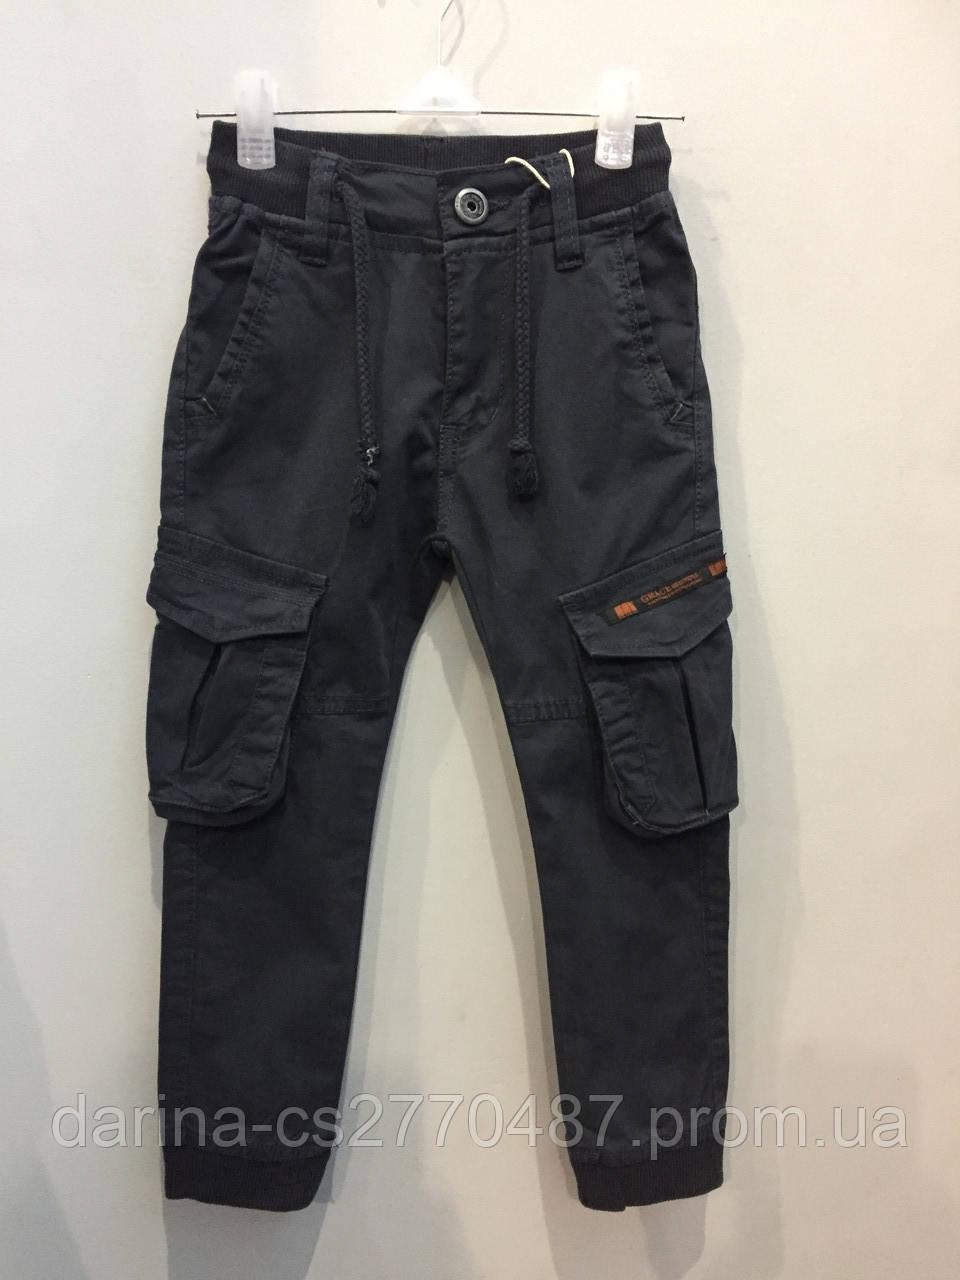 Коттоновые брюки для мальчика джоггеры 98,104,116,122,128 см